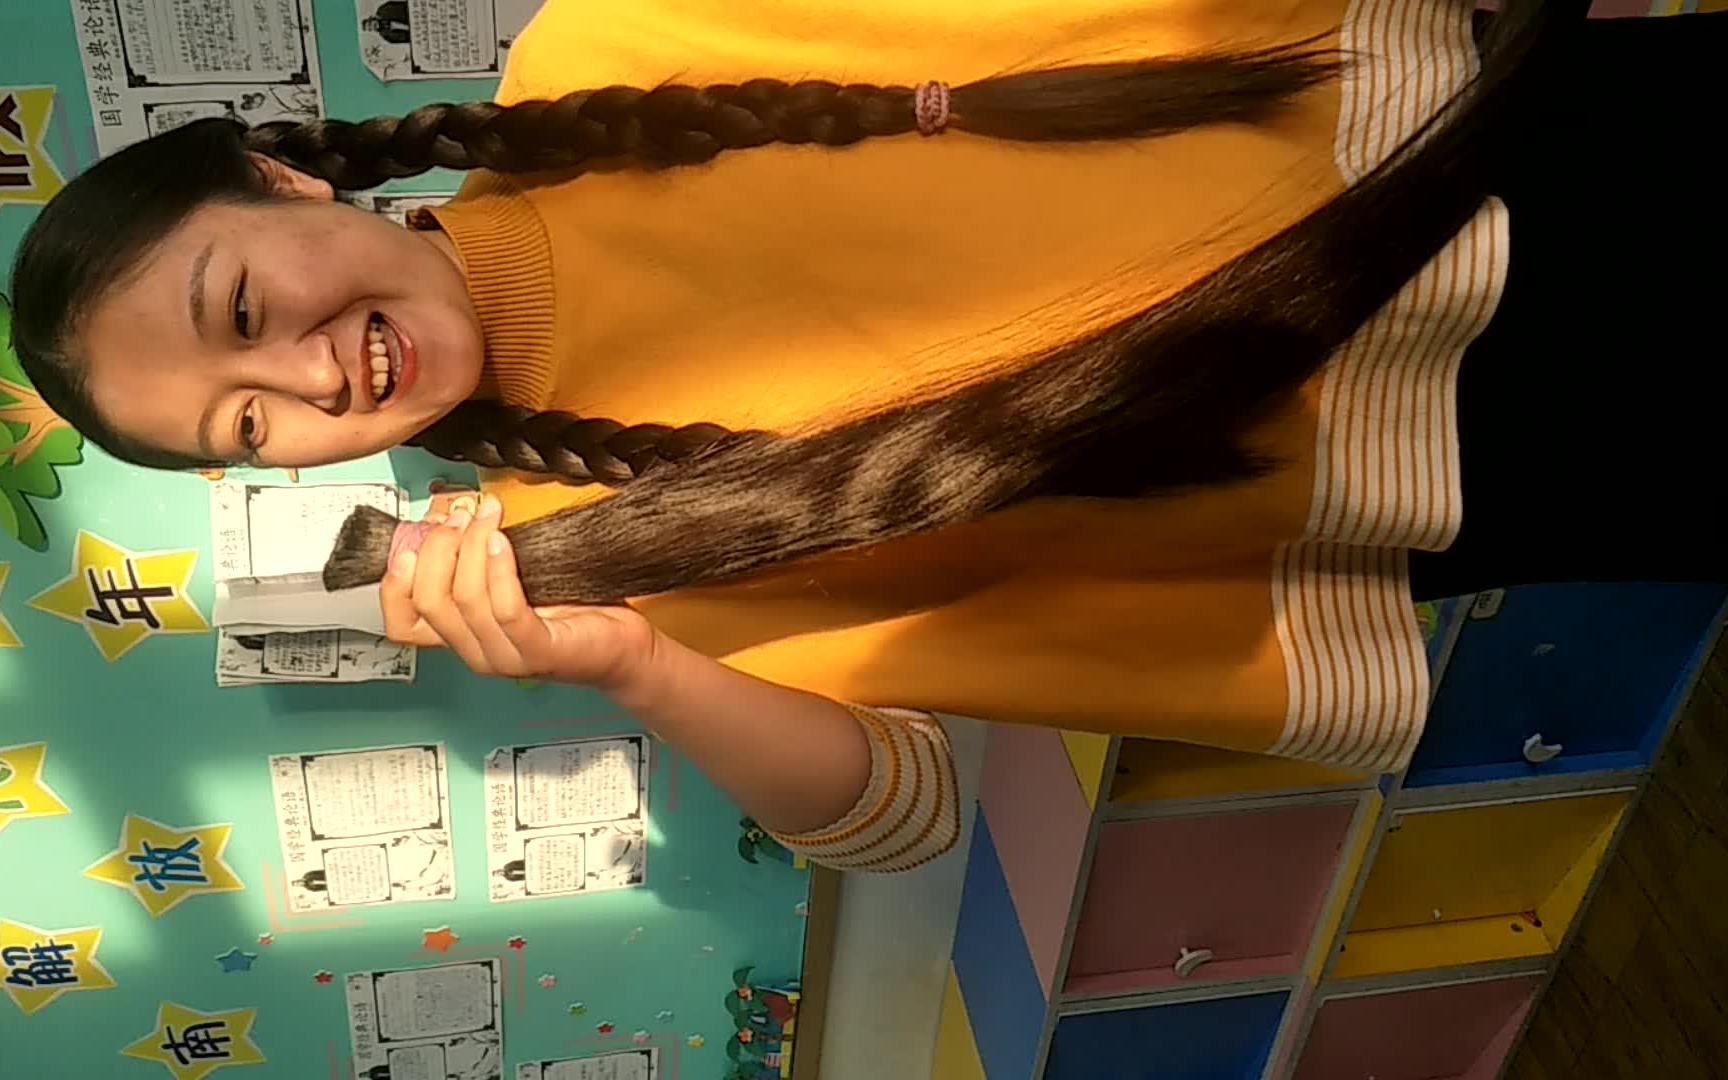 美女老师卖长发剪长发 2238#